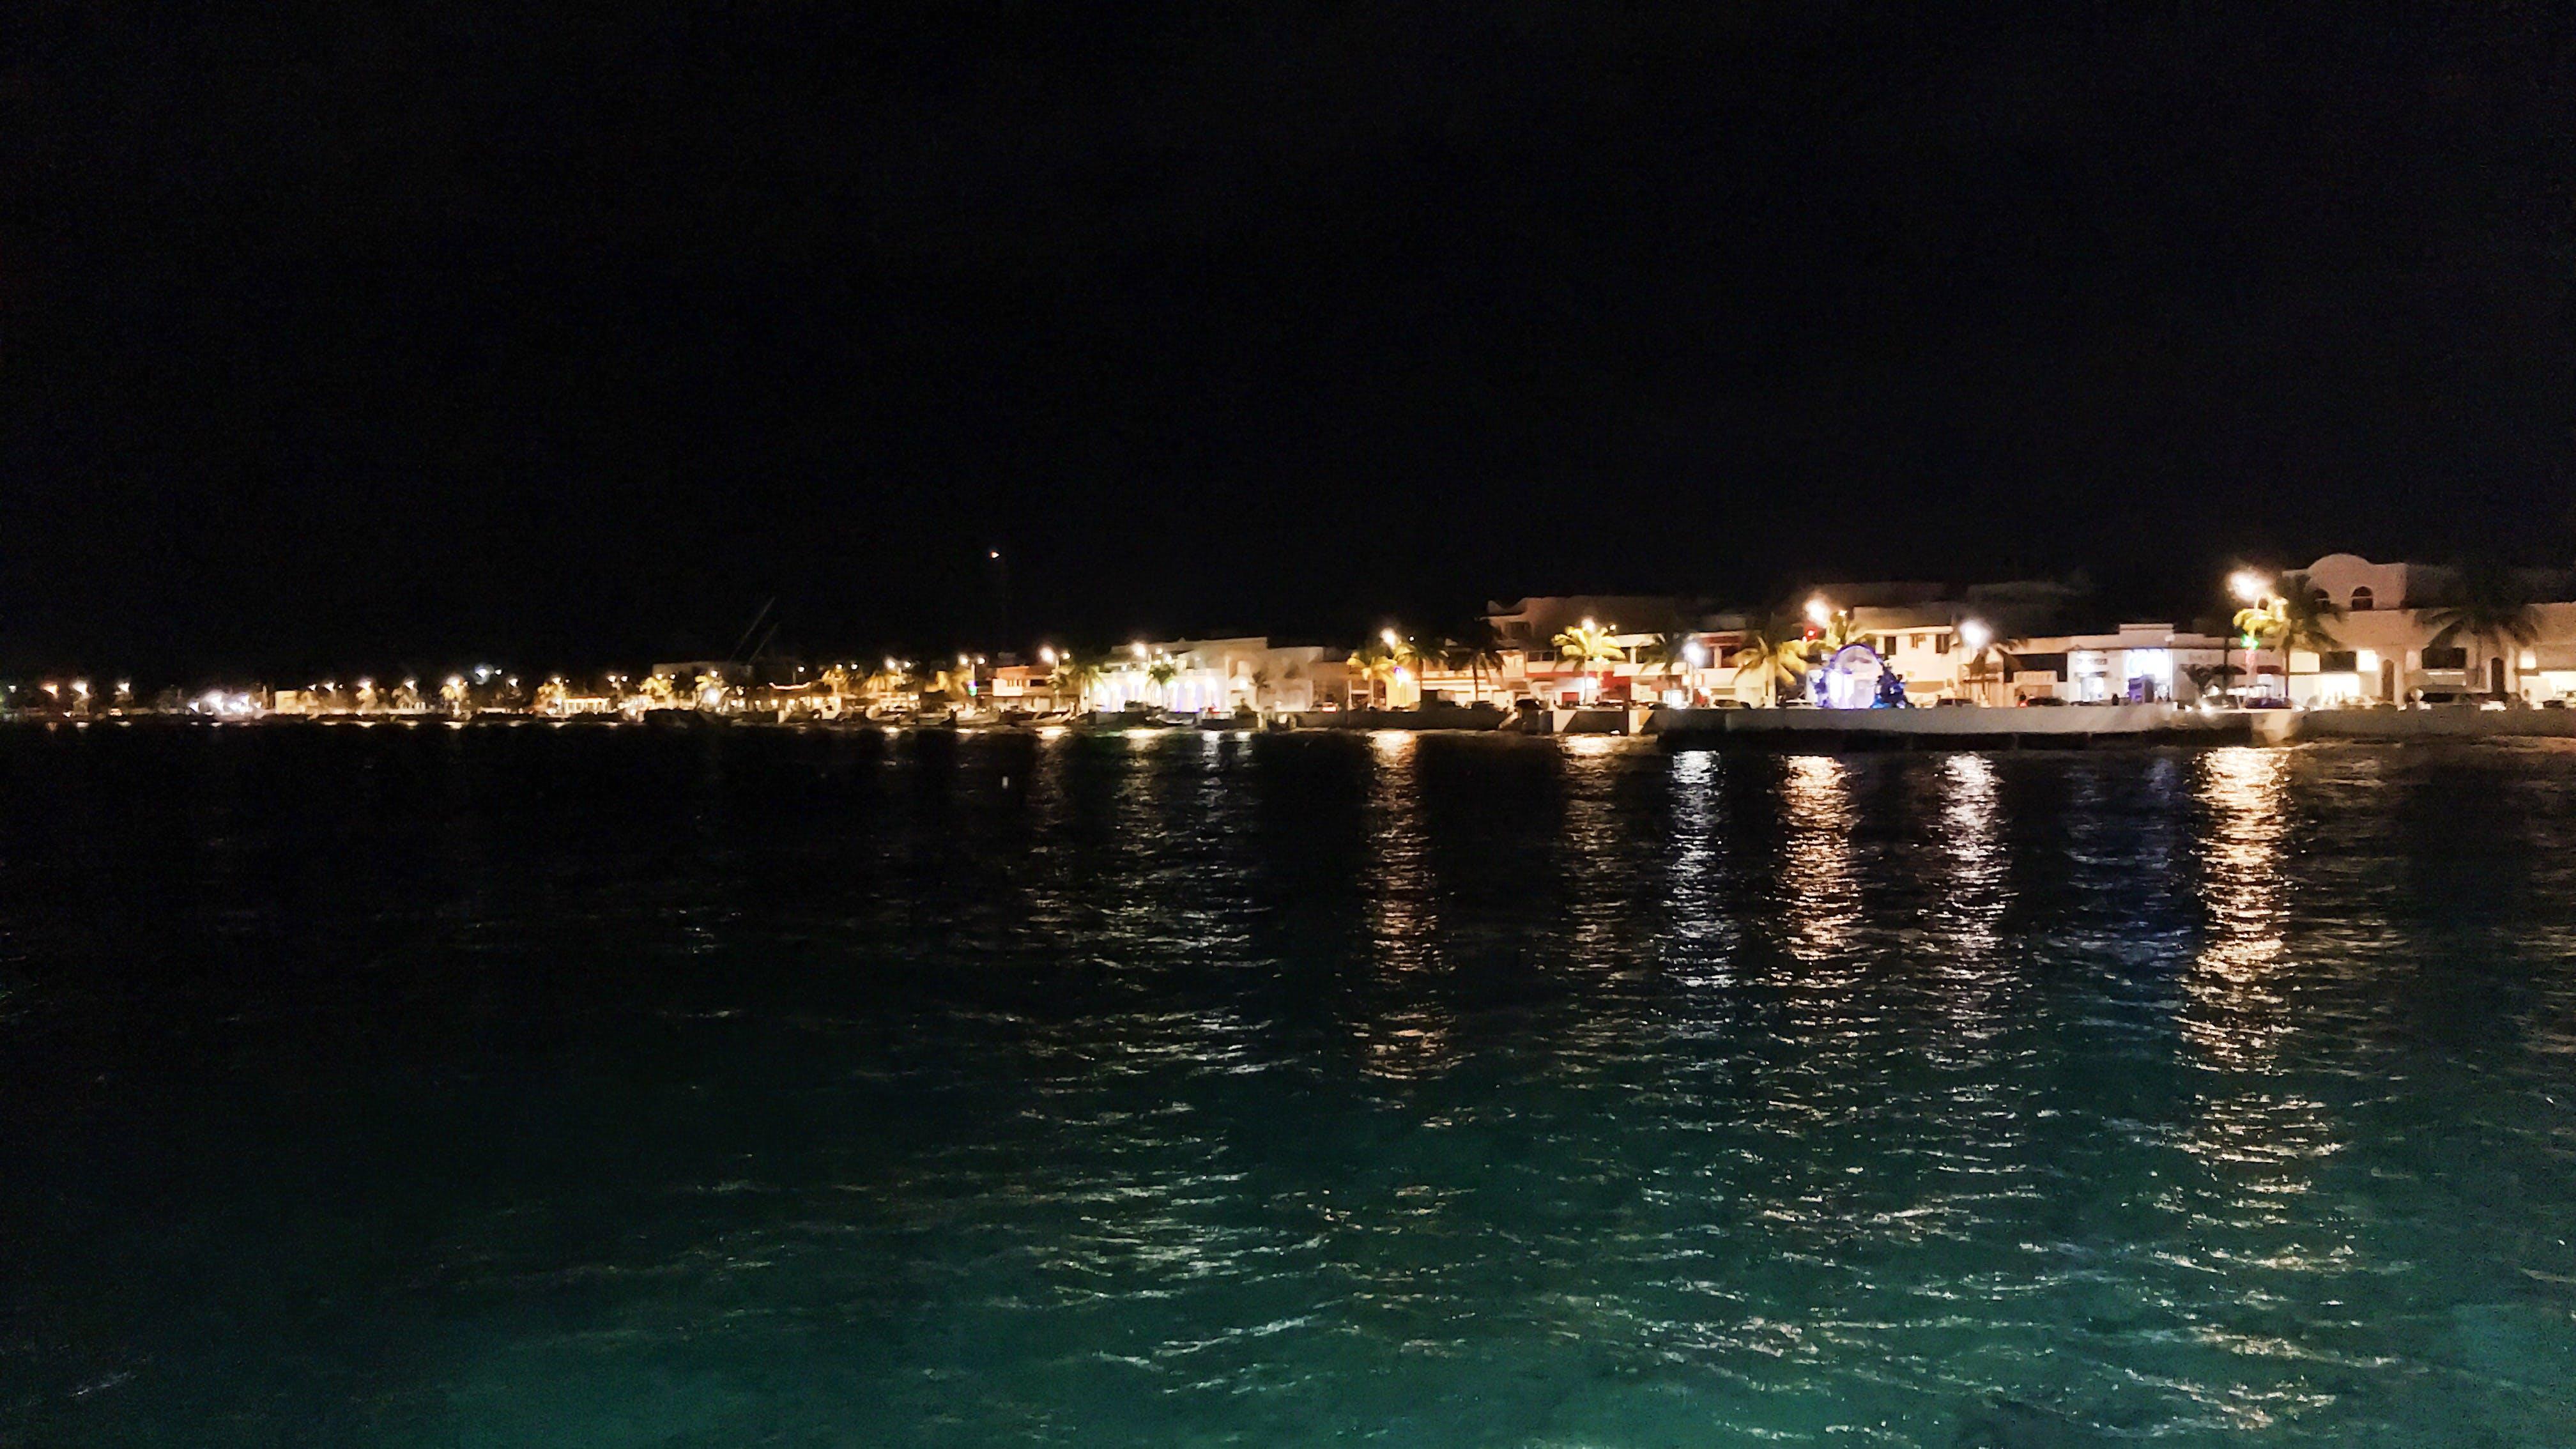 Δωρεάν στοκ φωτογραφιών με θάλασσα, Νύχτα, φώτα της πόλης